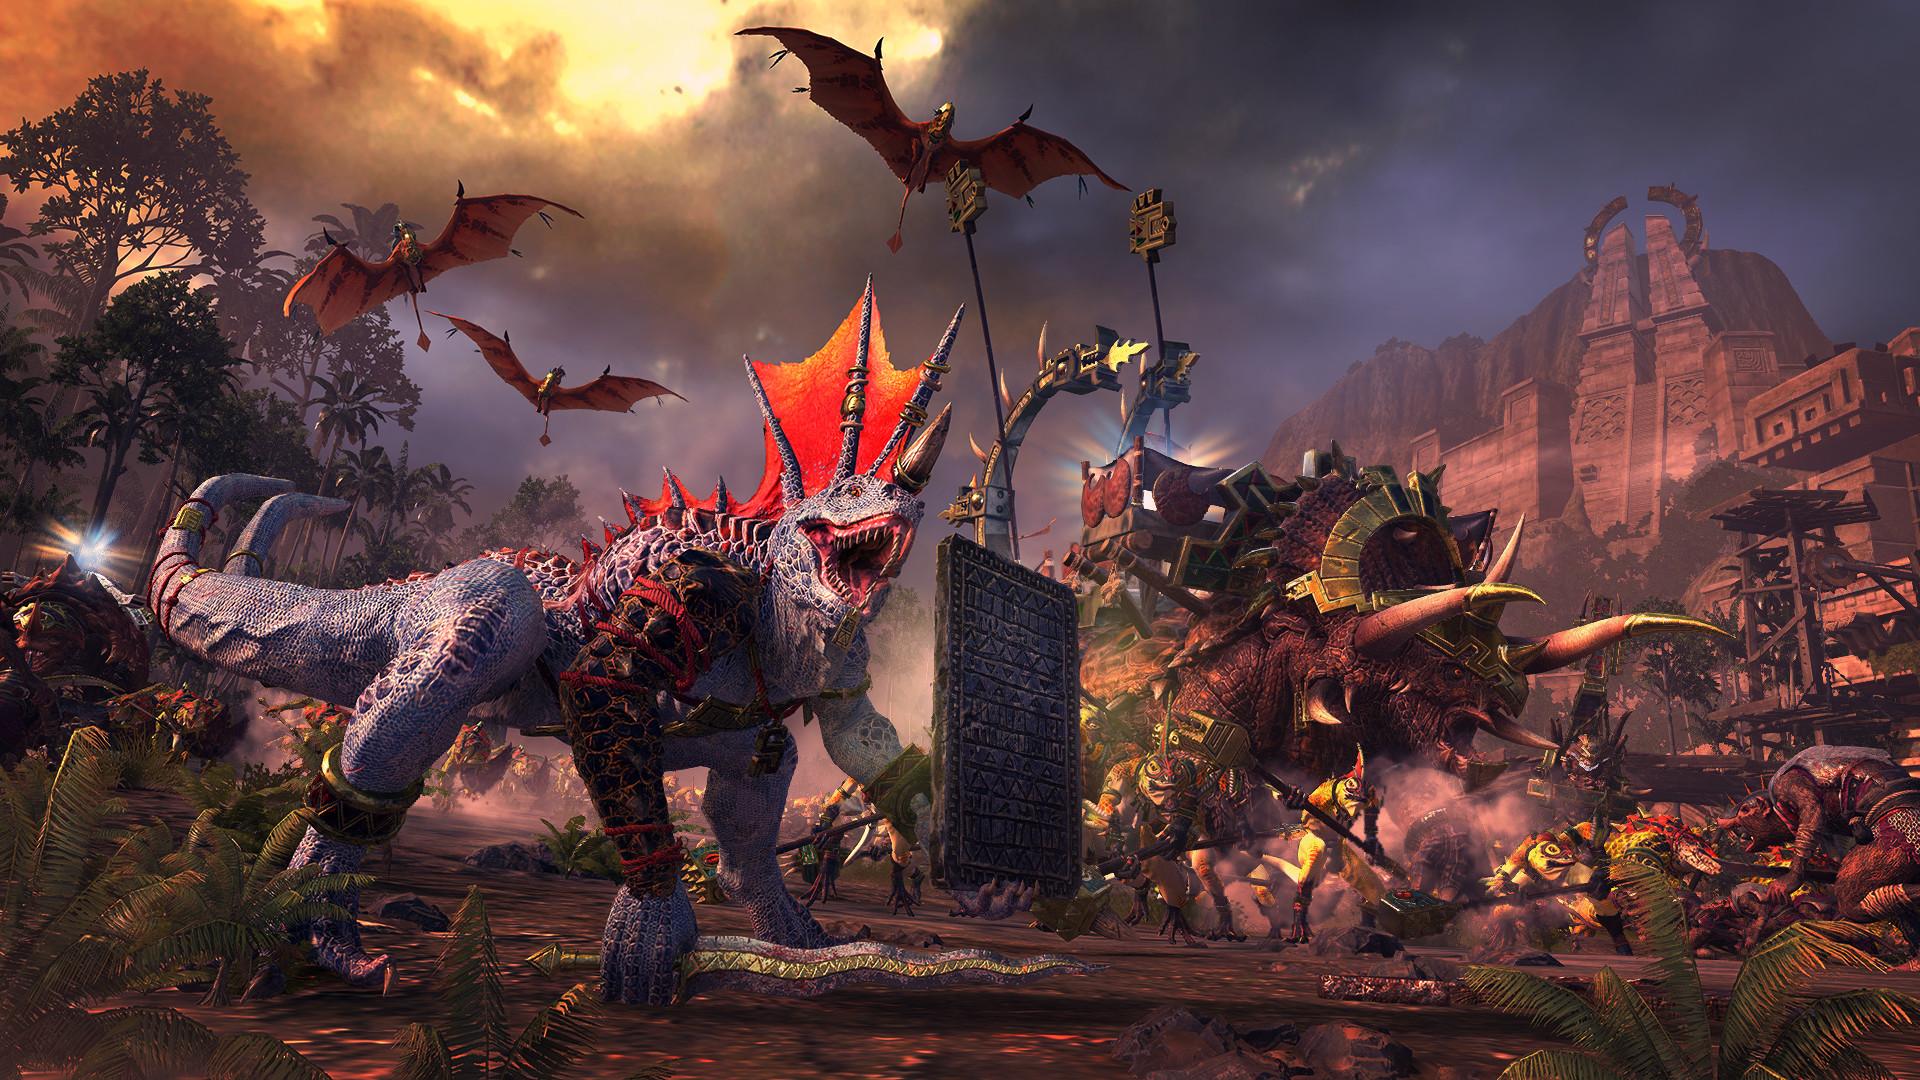 《全面战争:战锤2》新DLC已发售 鼠人大战蜥蜴人